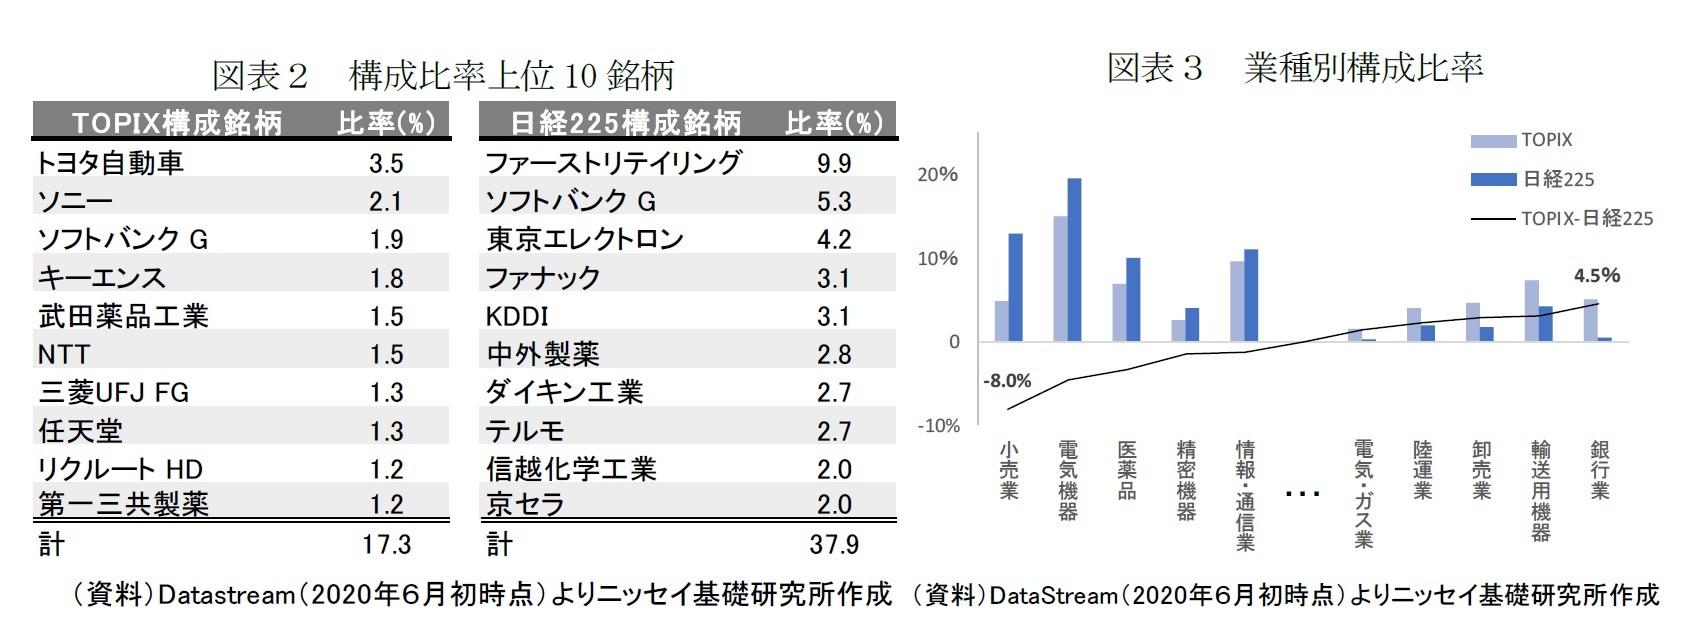 図表2 構成比率上位10銘柄/図表3 業種別構成比率